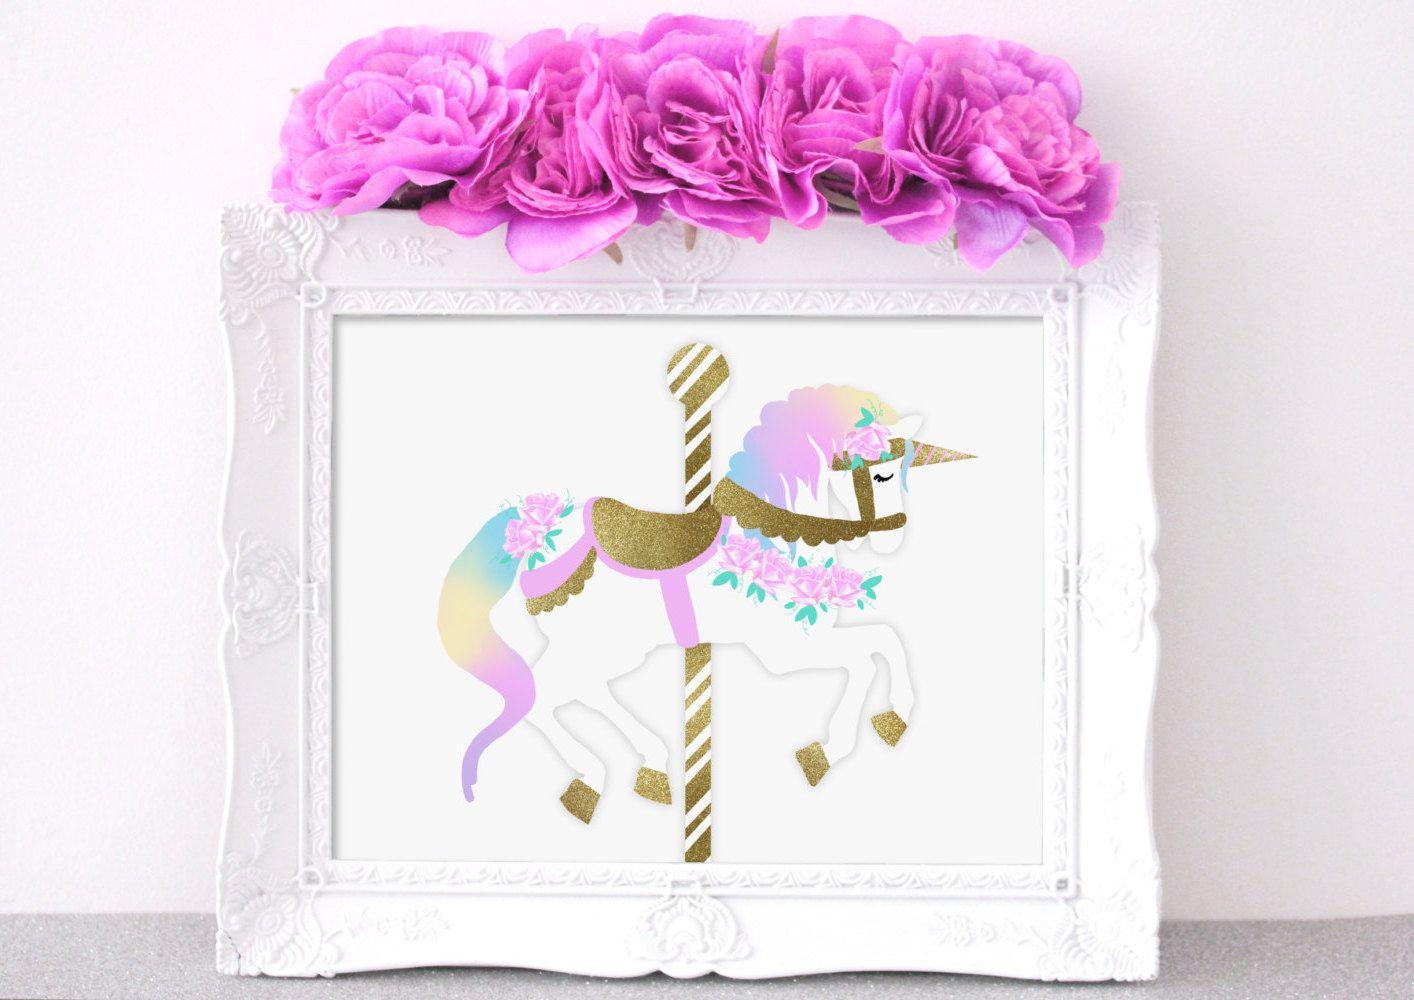 carousel wall décor for kids, unicorn kids room décor, baby